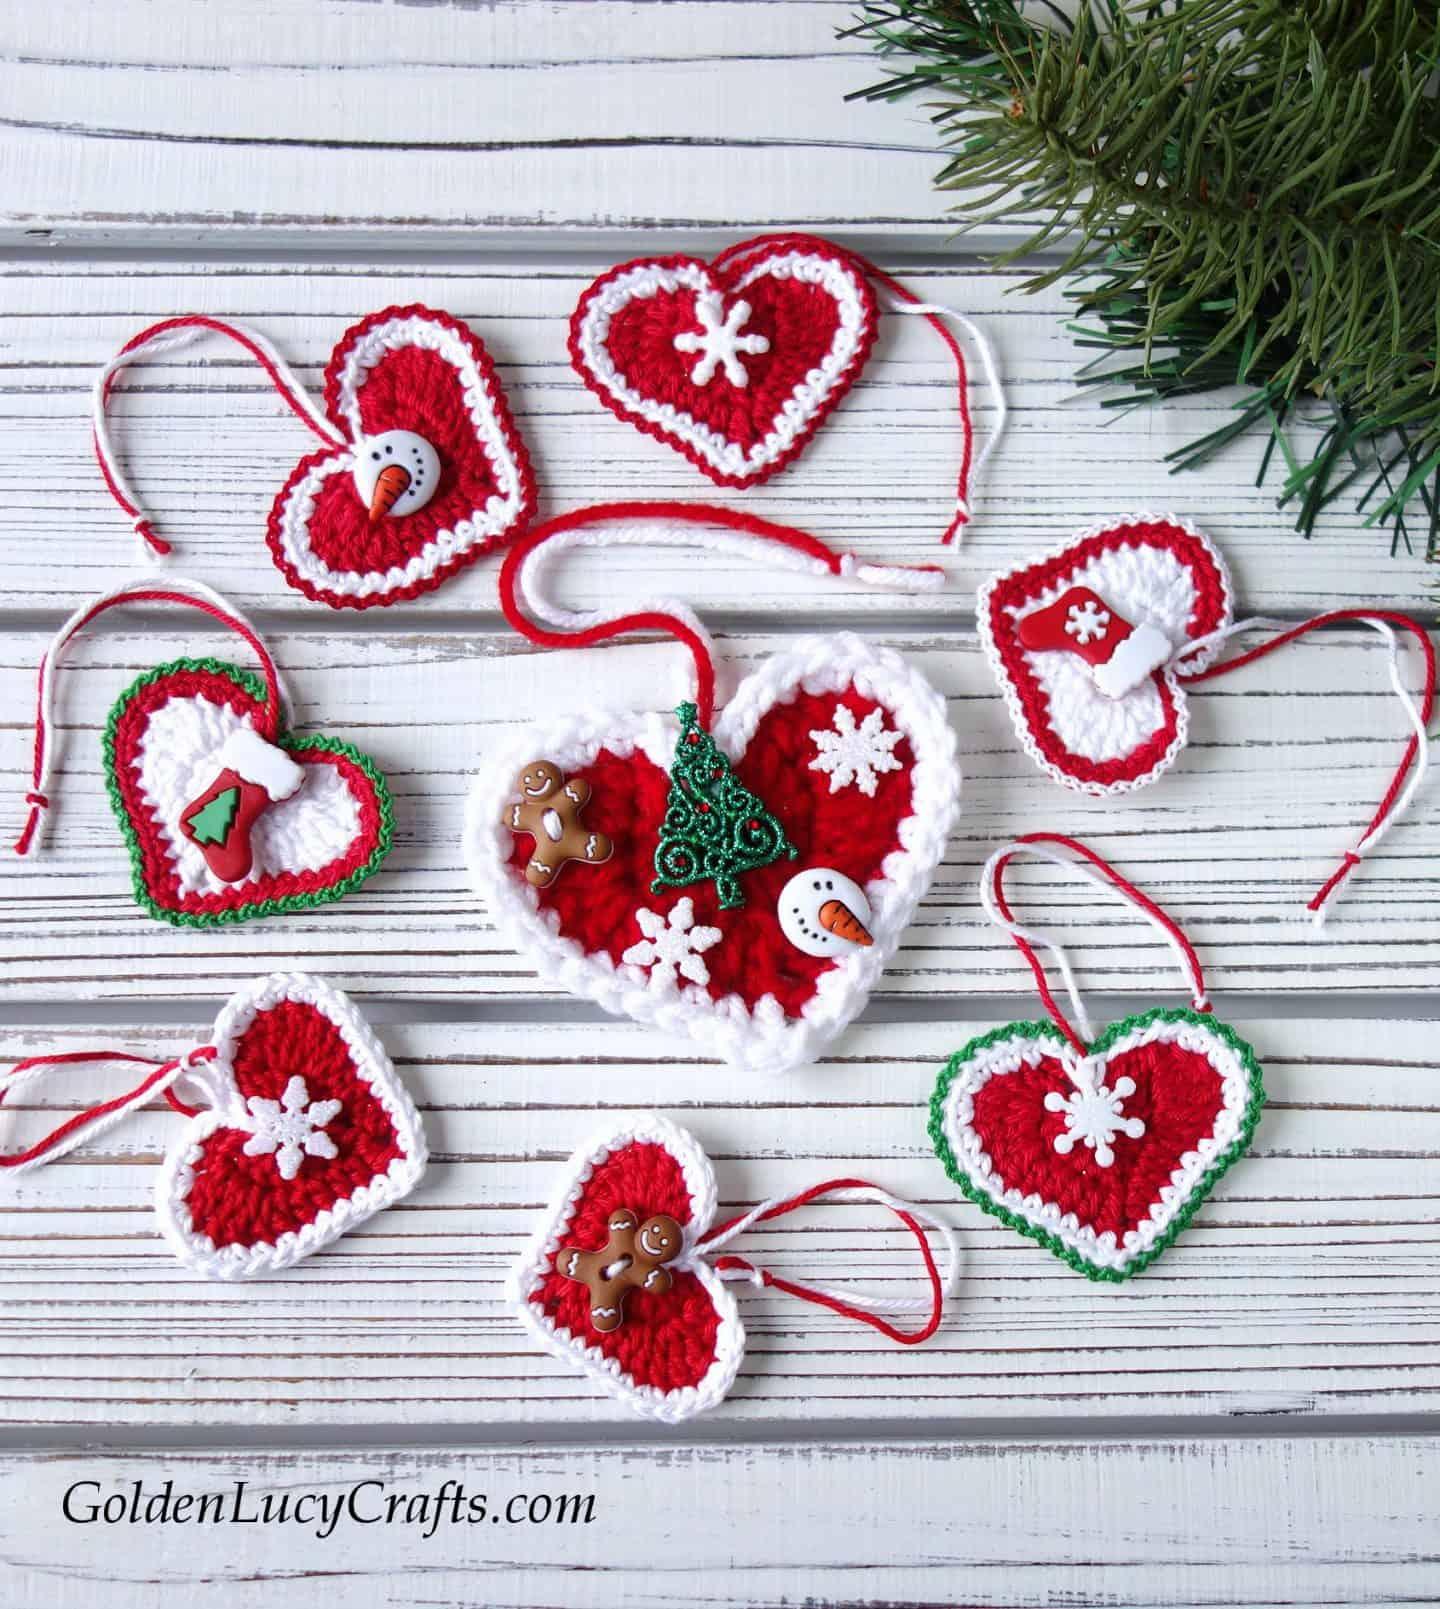 Crochet Christmas ornaments - hearts